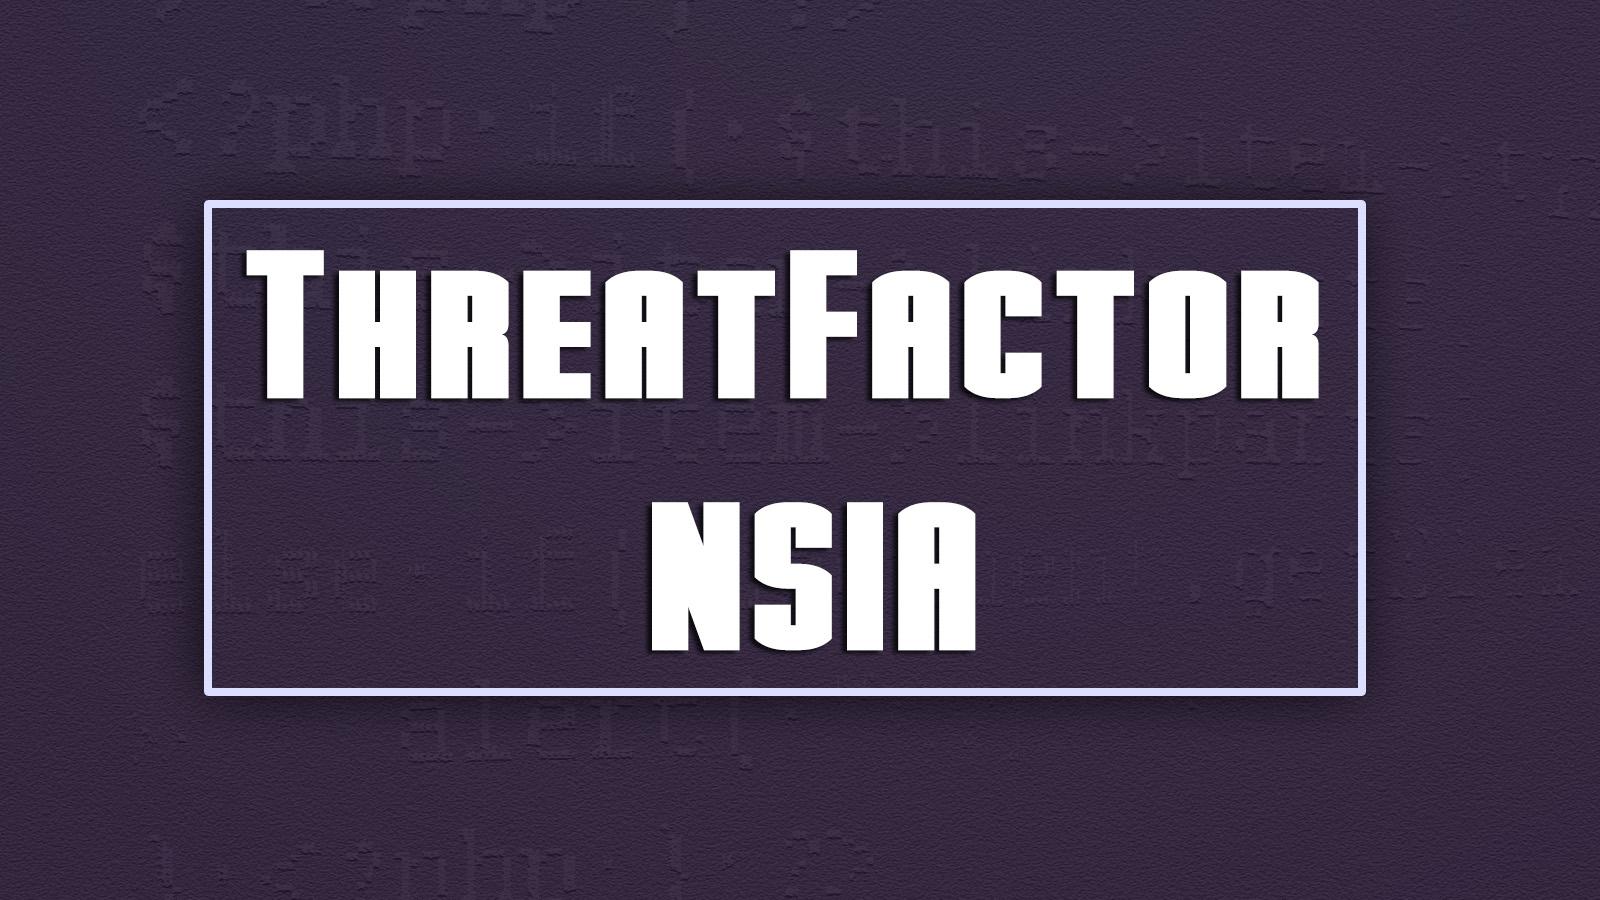 ThreatFactor NSIA Open Source Website Scanning Tool